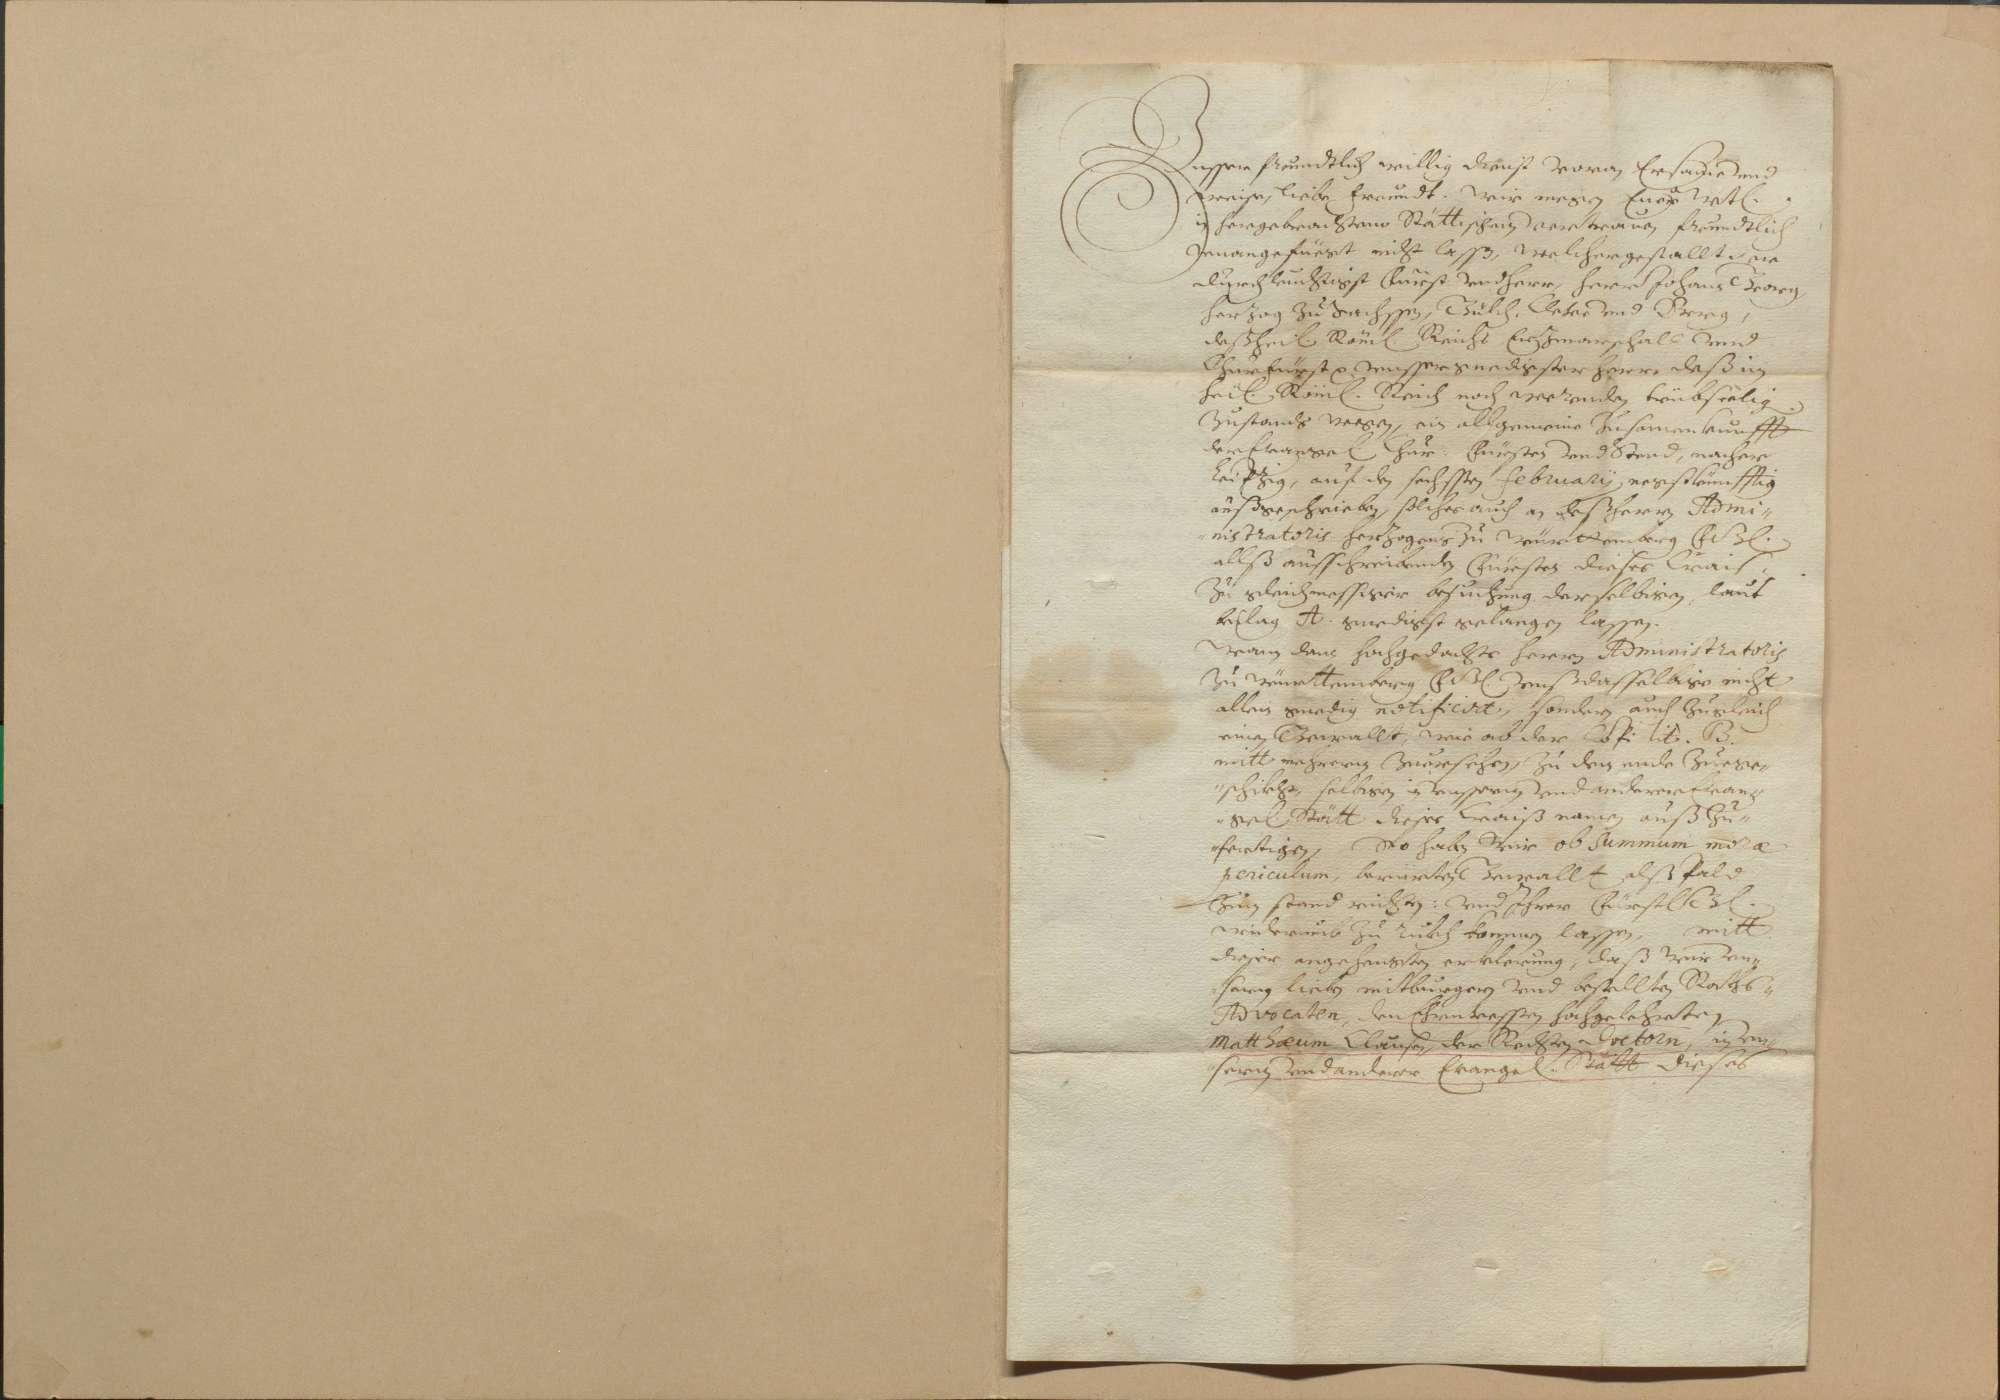 Zusammenkunft der protestantischen Stände vom 6. Februar 1631 zu Leipzig wegen des Restitutionsedikts und anderer Bedrückungen der protestantischen Stände, Verhandlungen daselbst und Abschied vom 2. April 1631, Bild 2